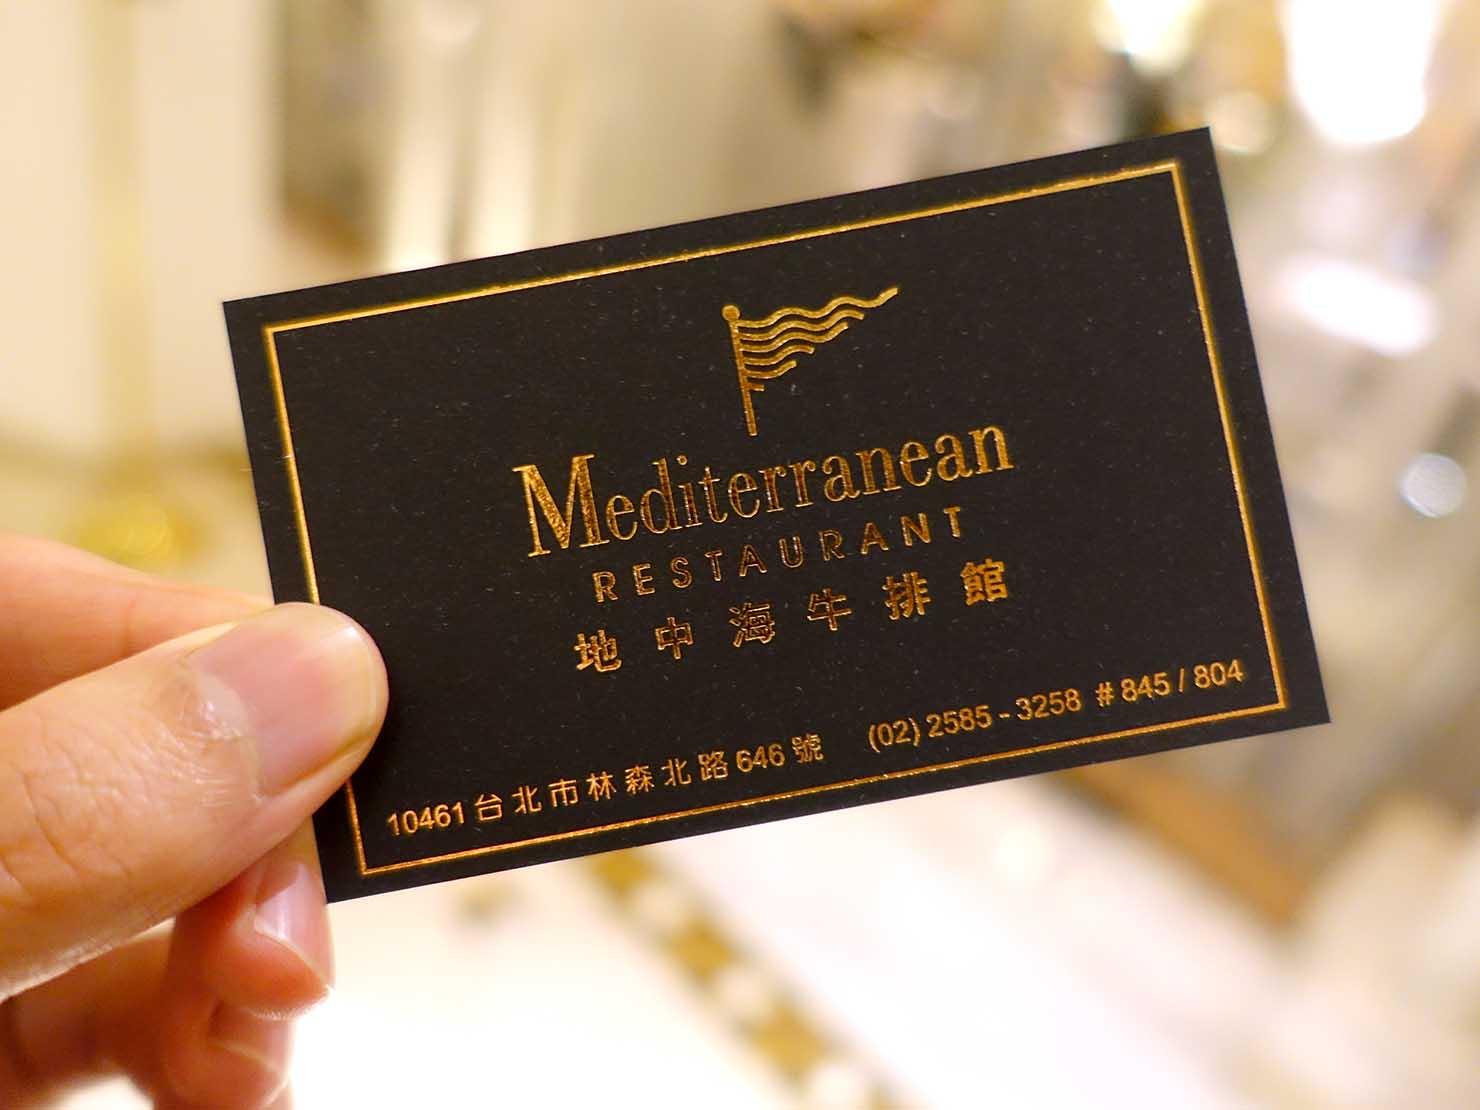 台北の4つ星ホテルにあるステーキハウス「地中海牛排館」のカード